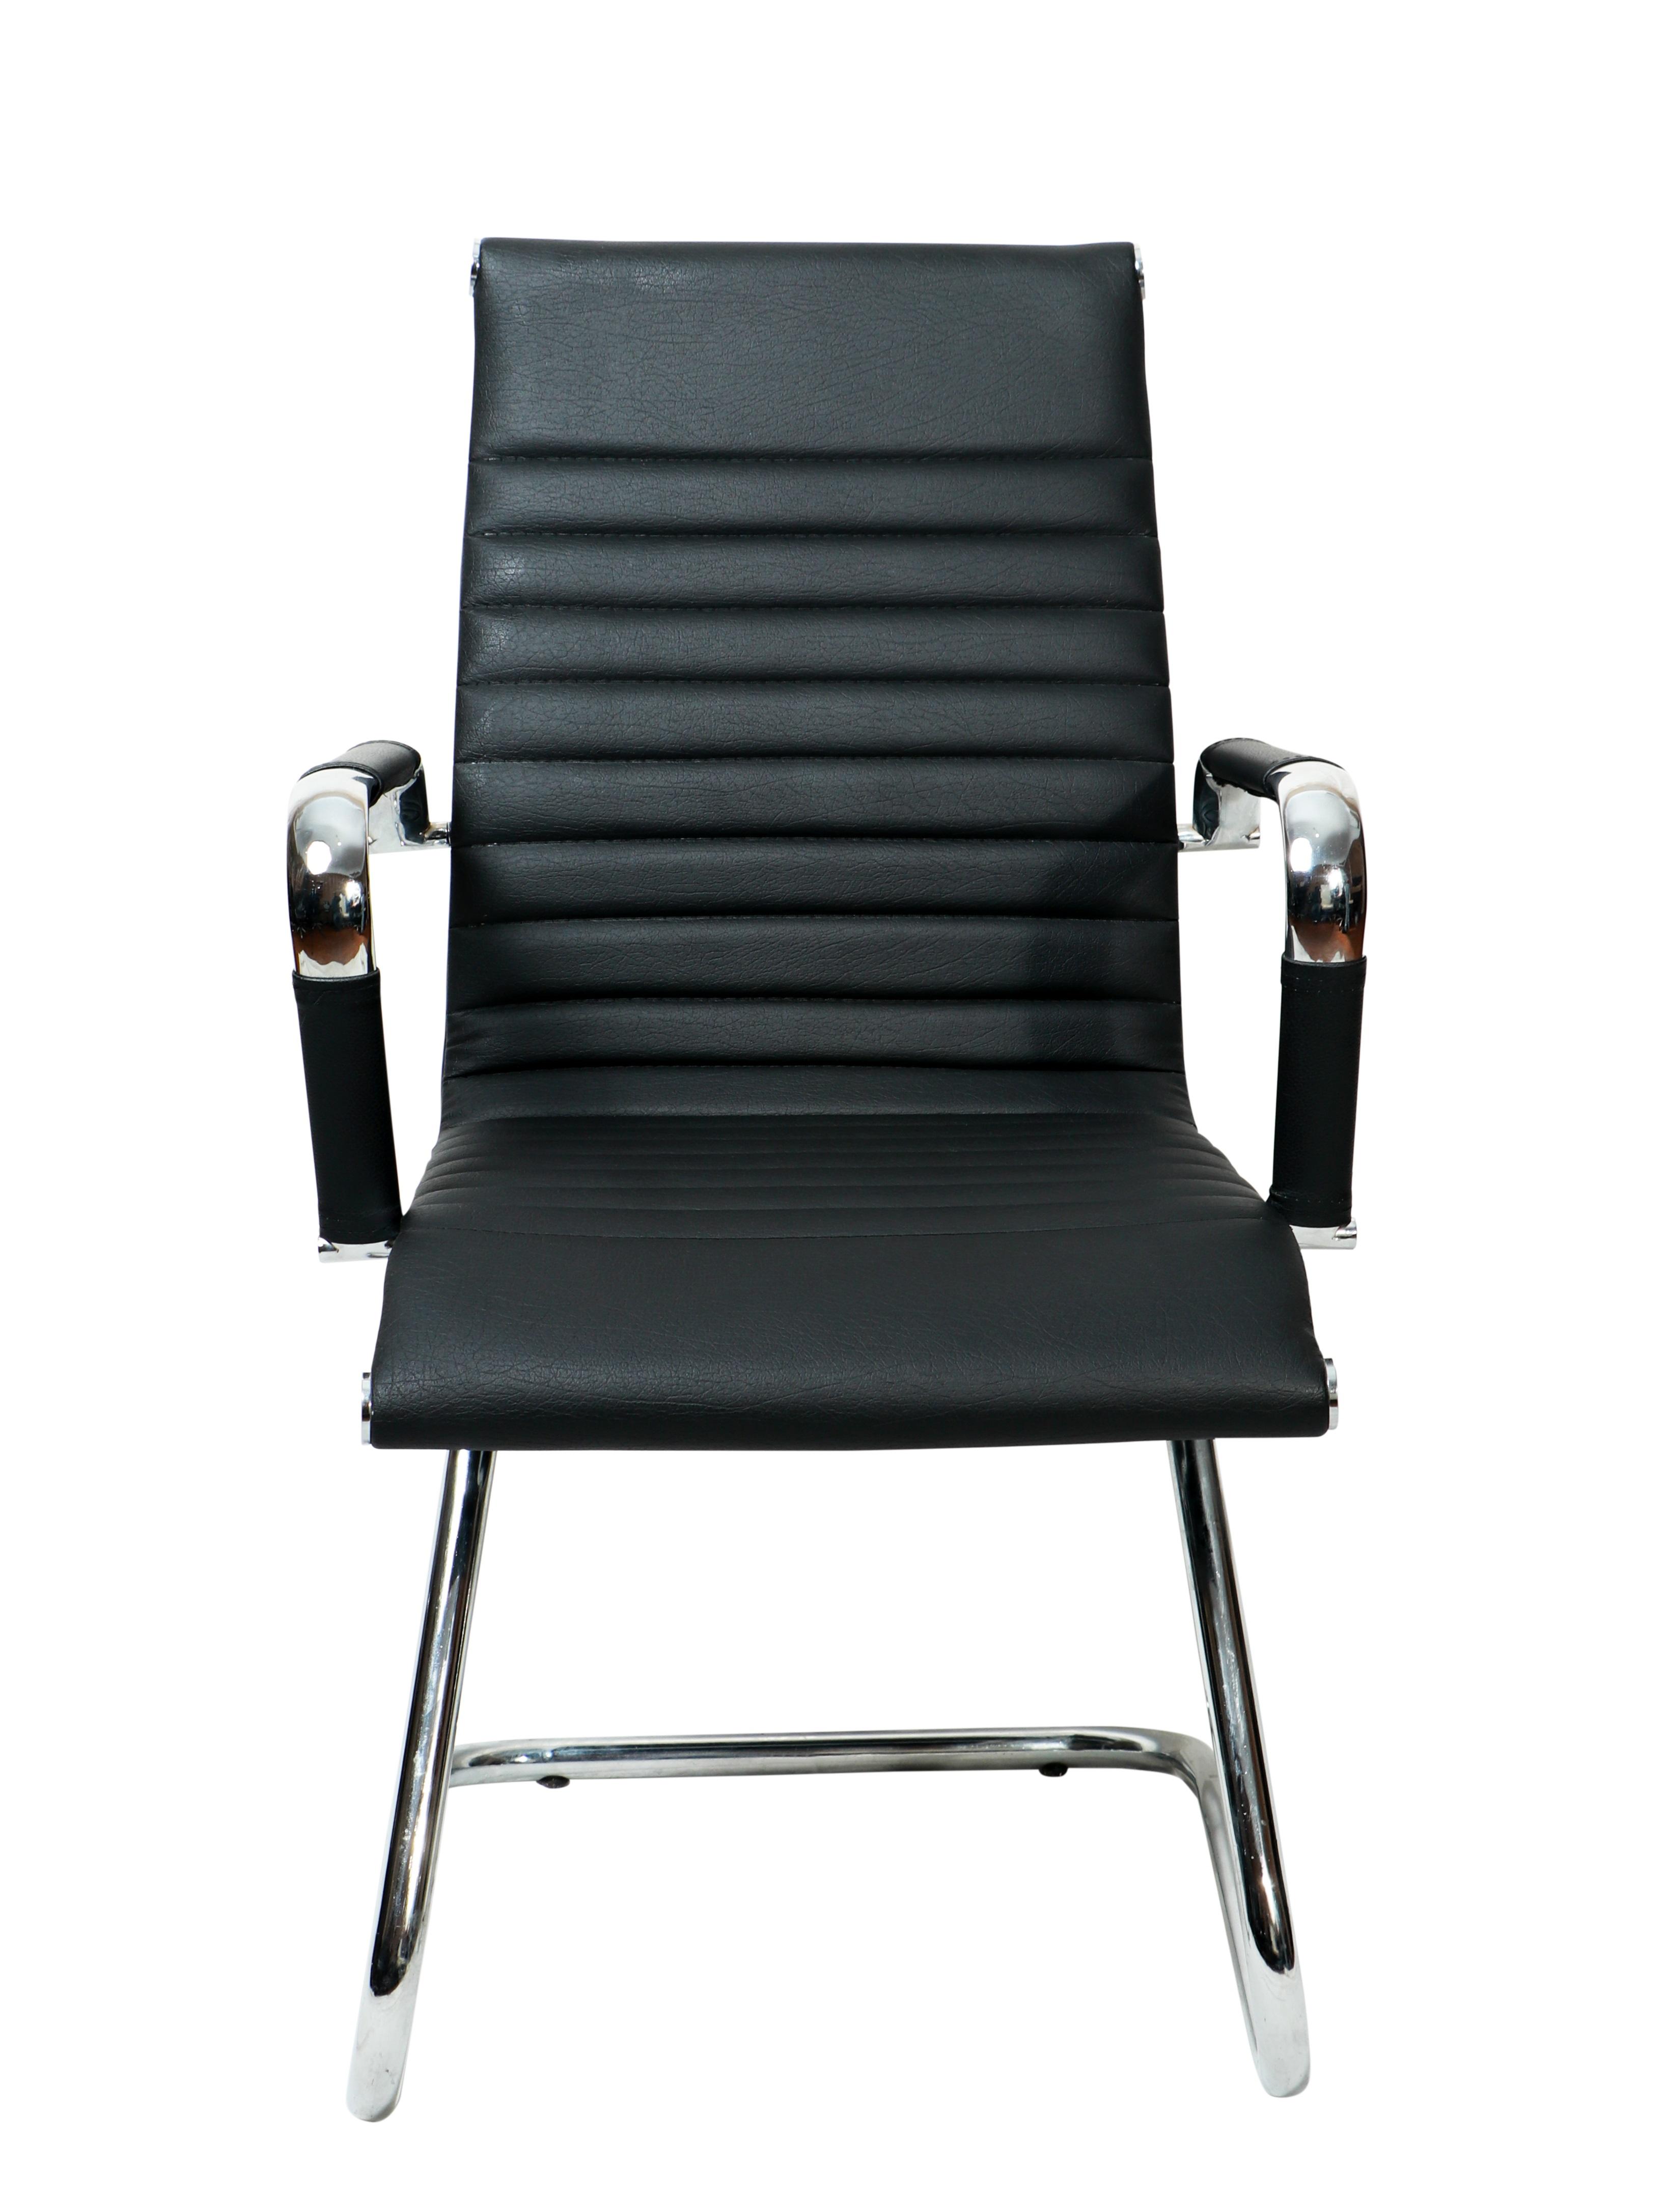 صندلی کنفرانسی مدل C700 جدید